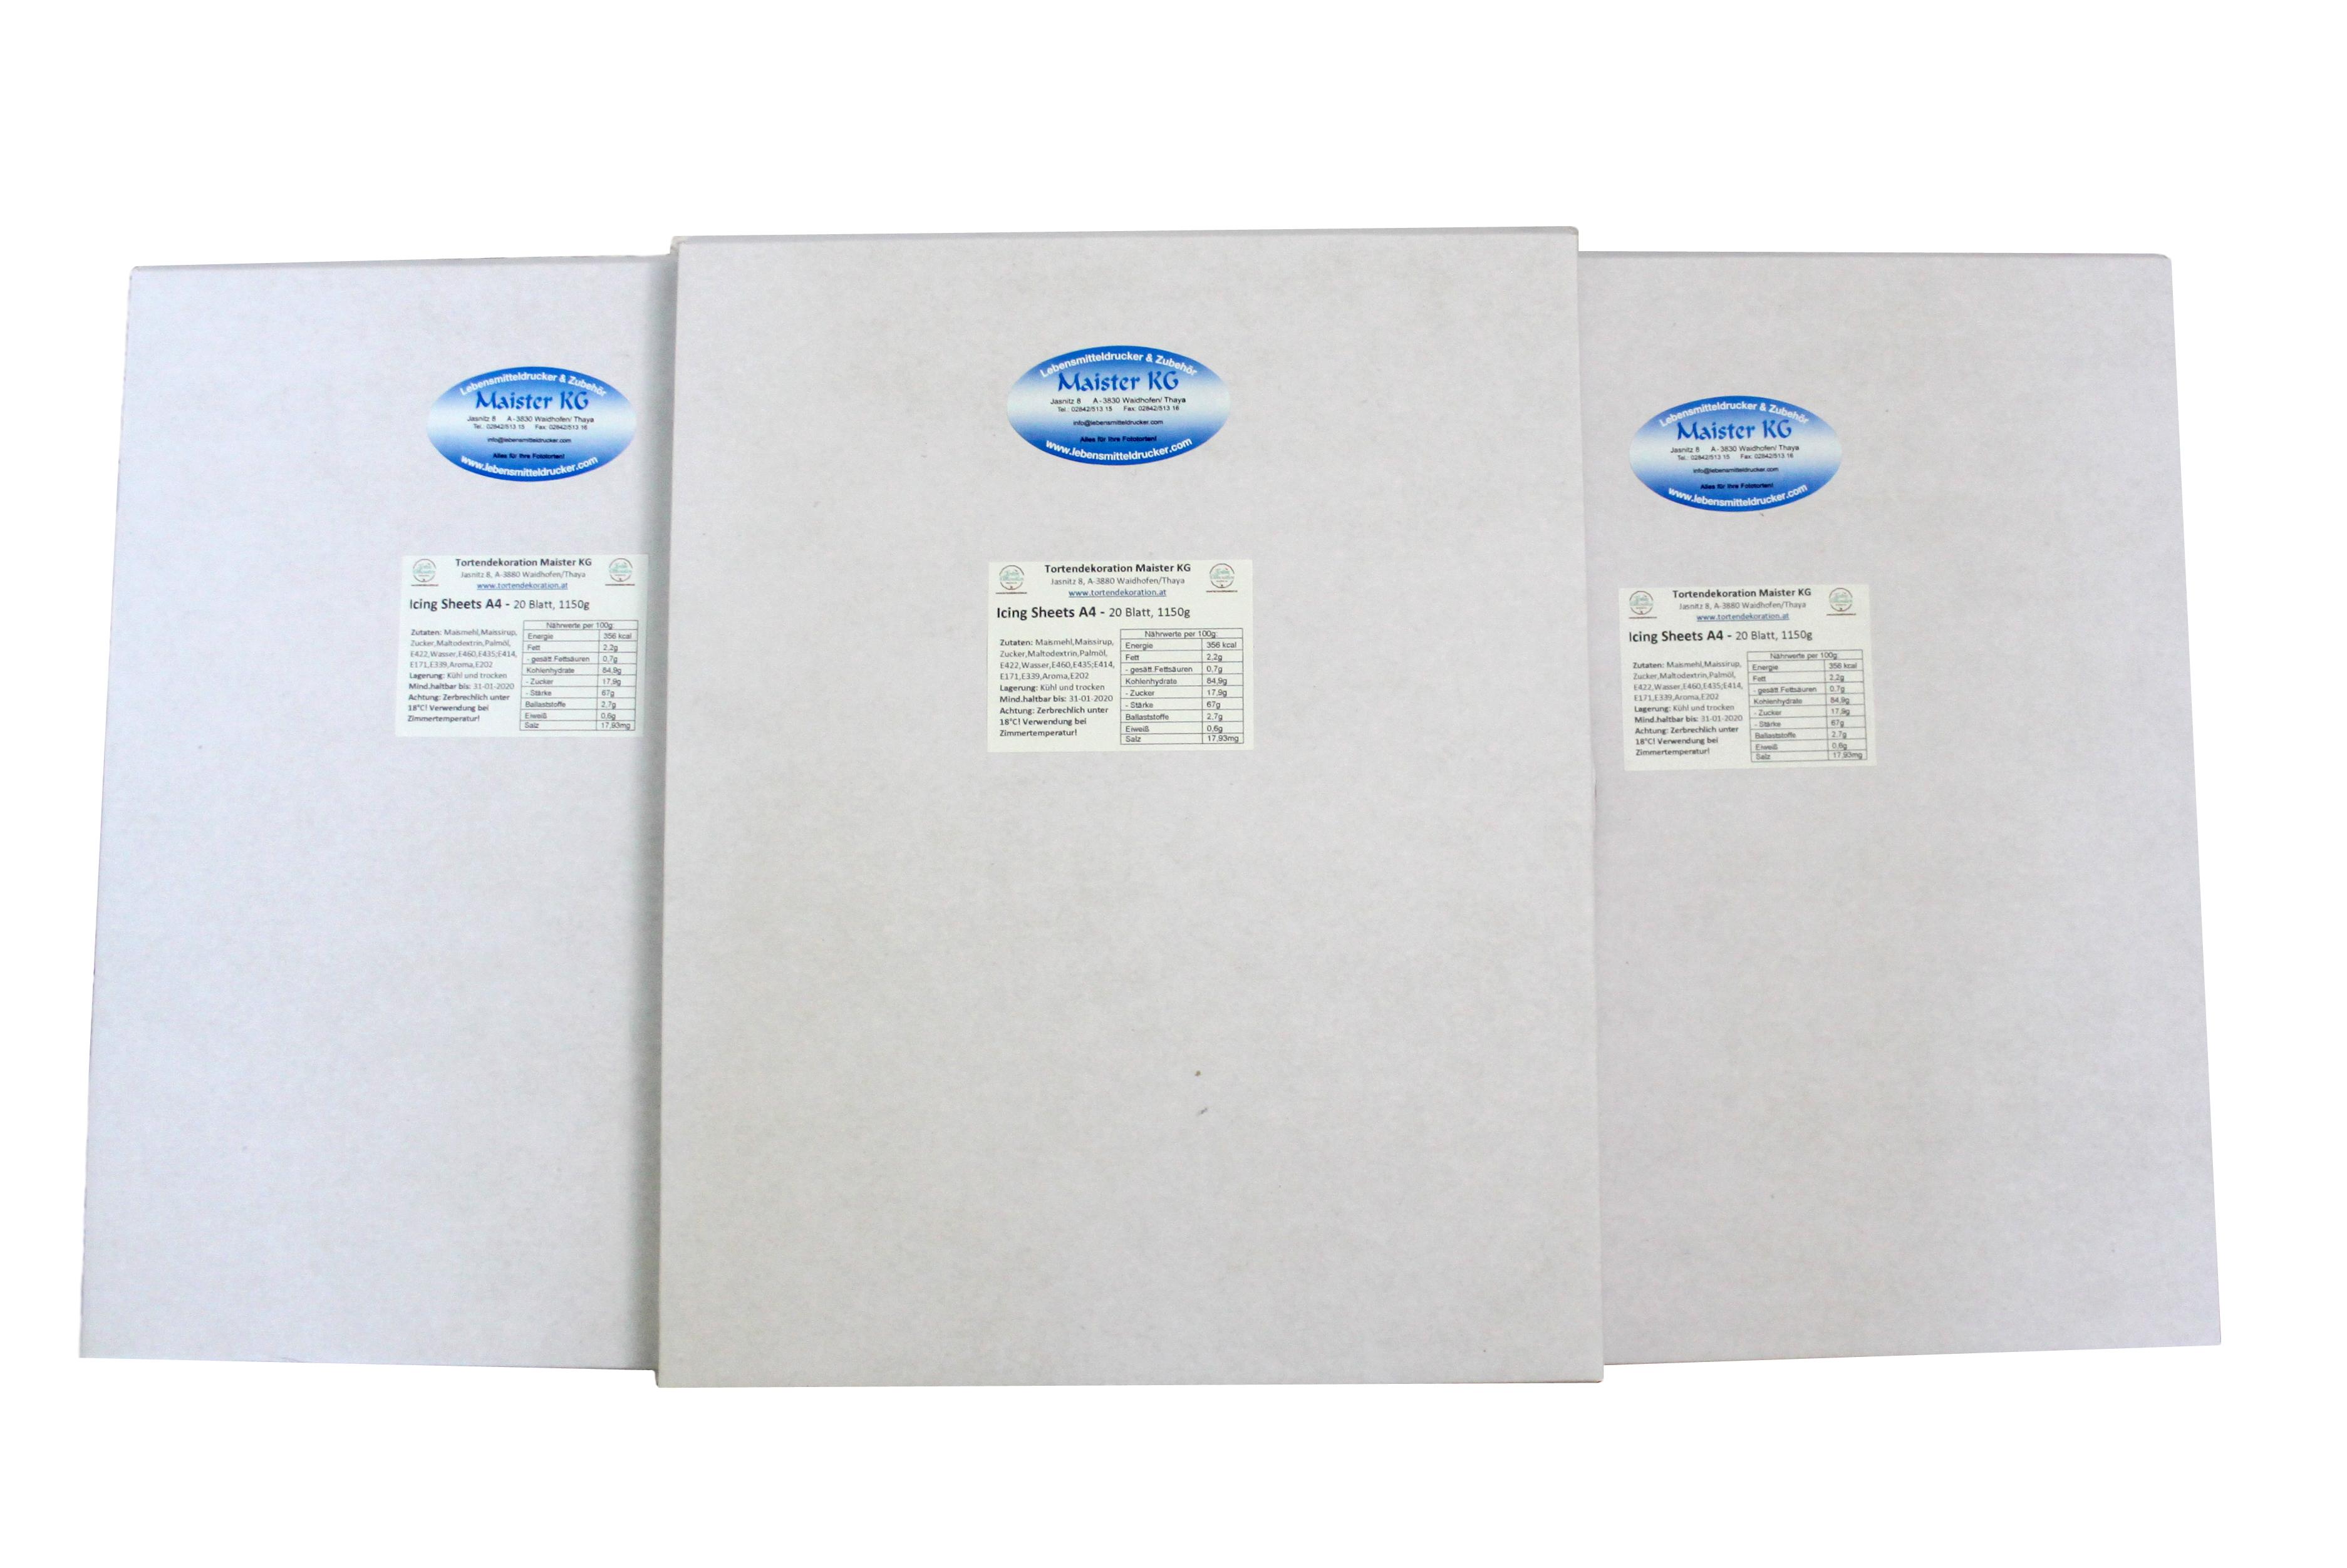 Icing Sheet A4